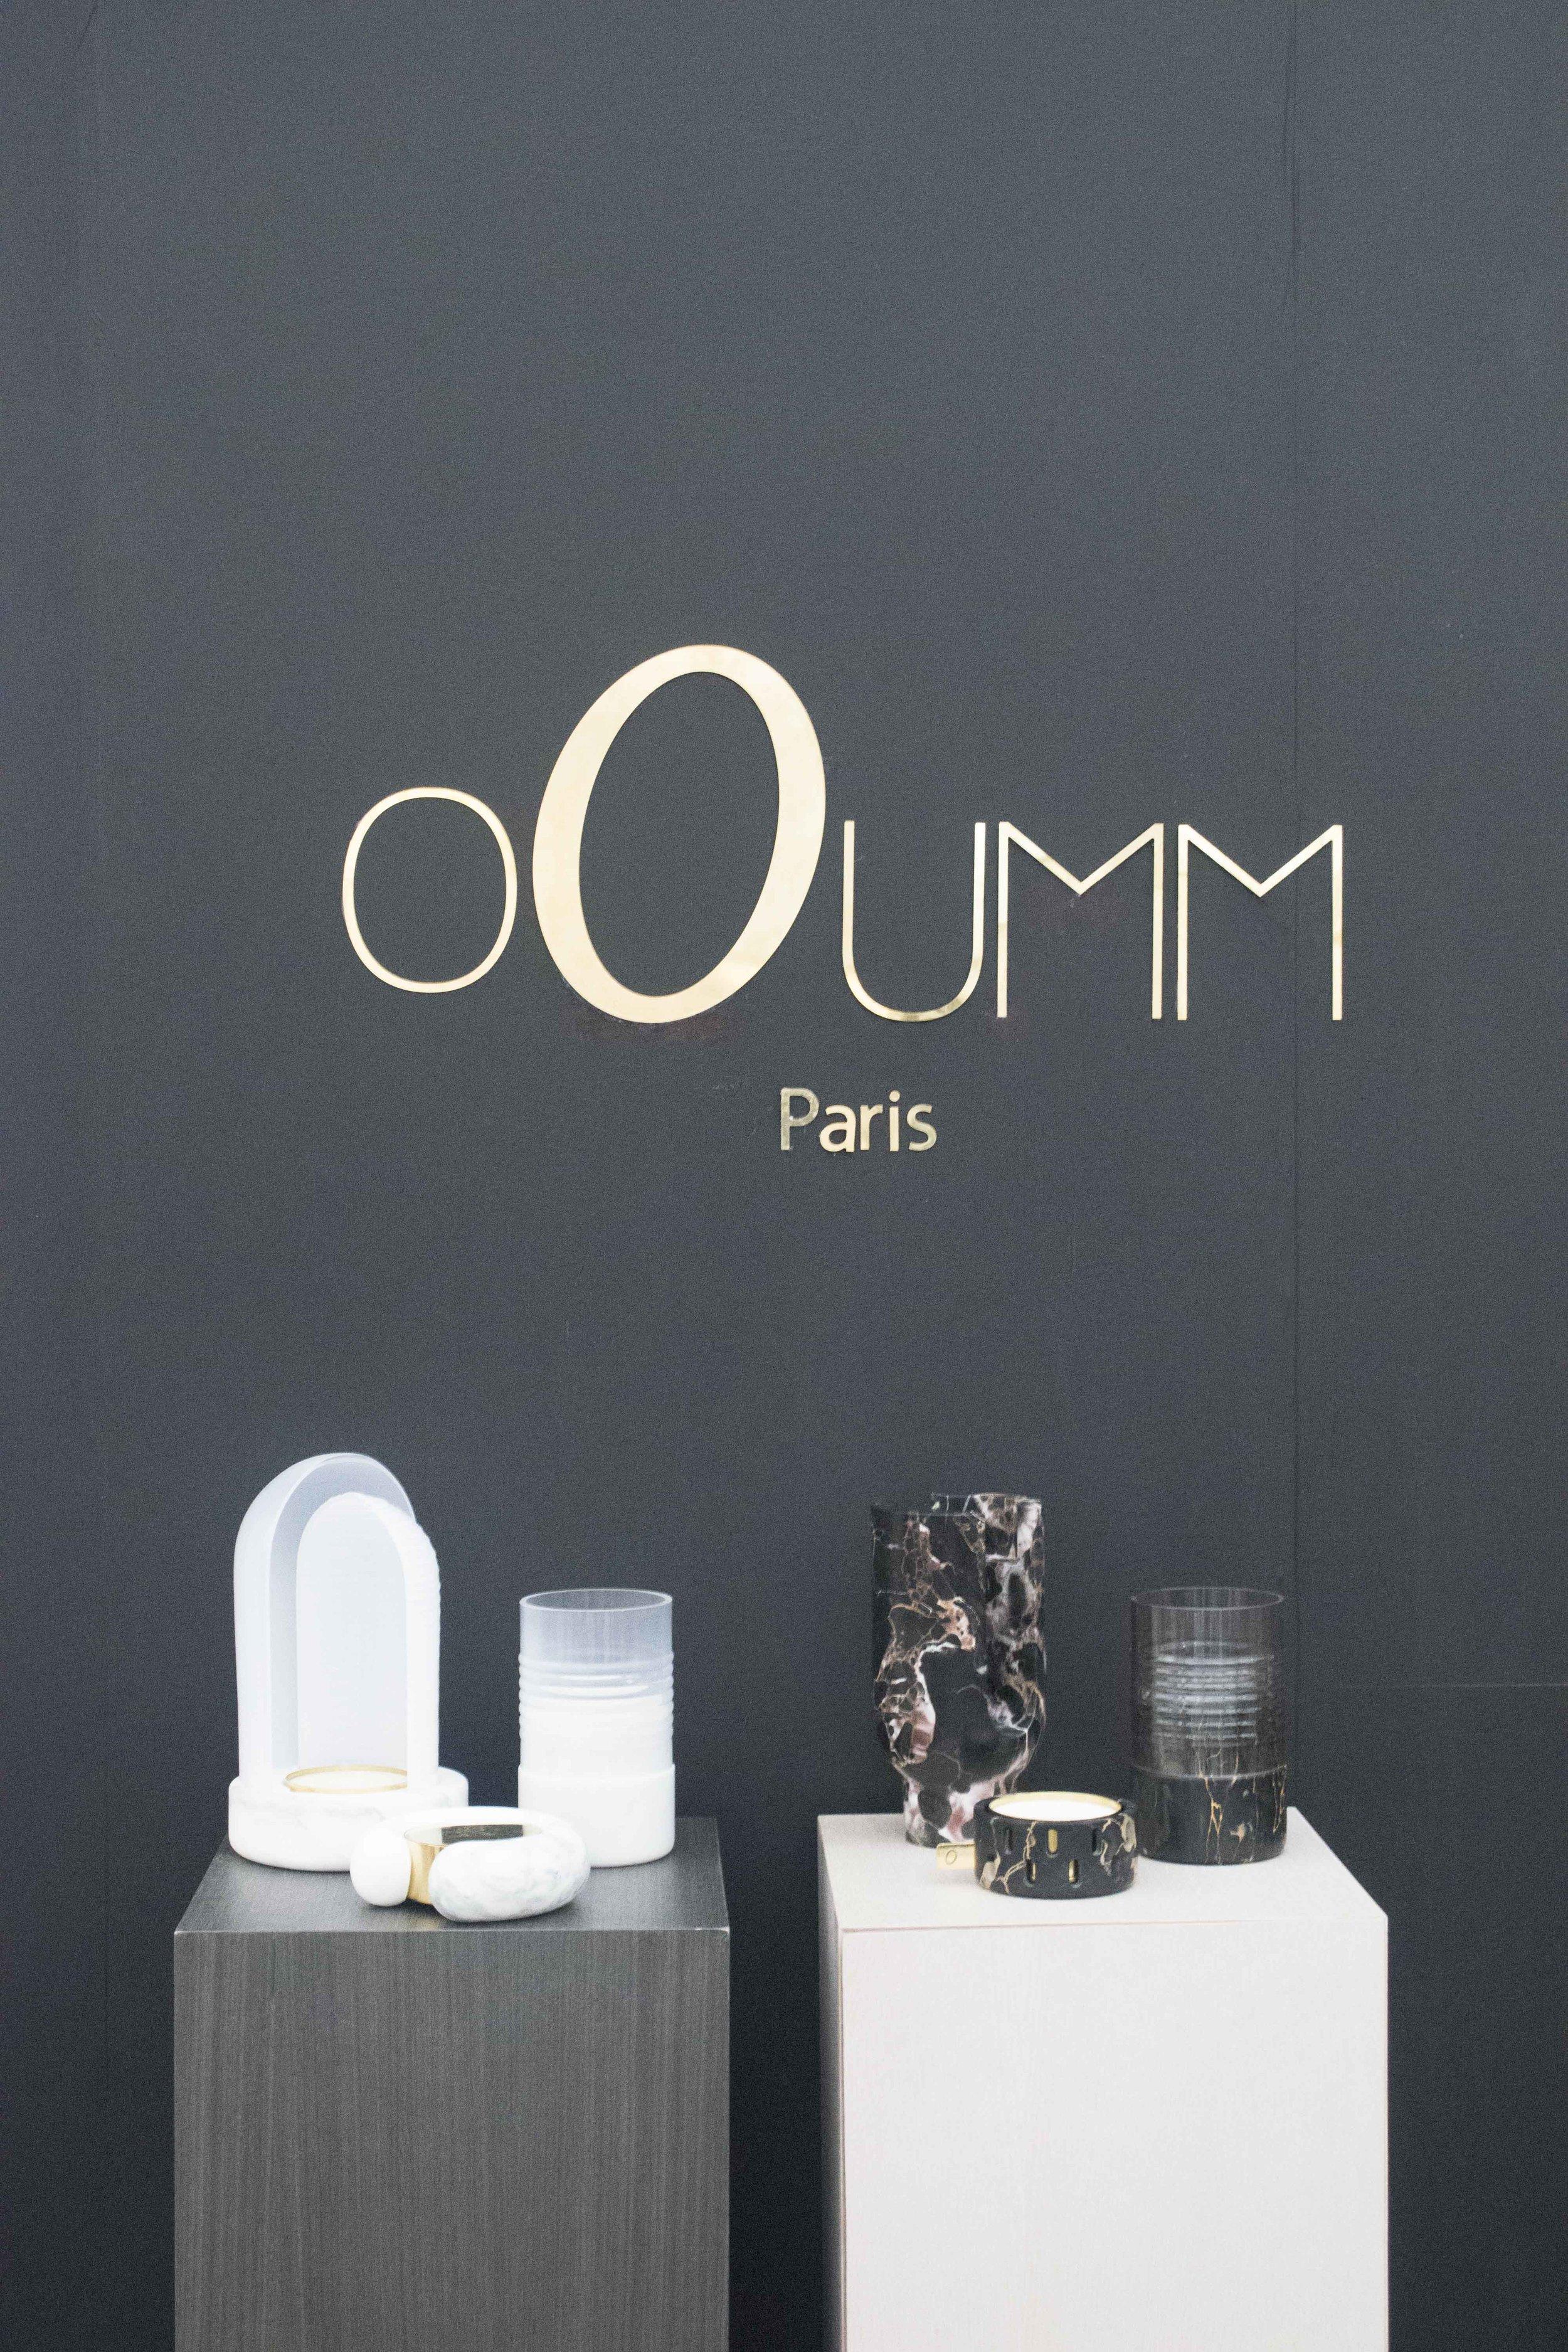 Ooumm Paris ©Detail Movement 3